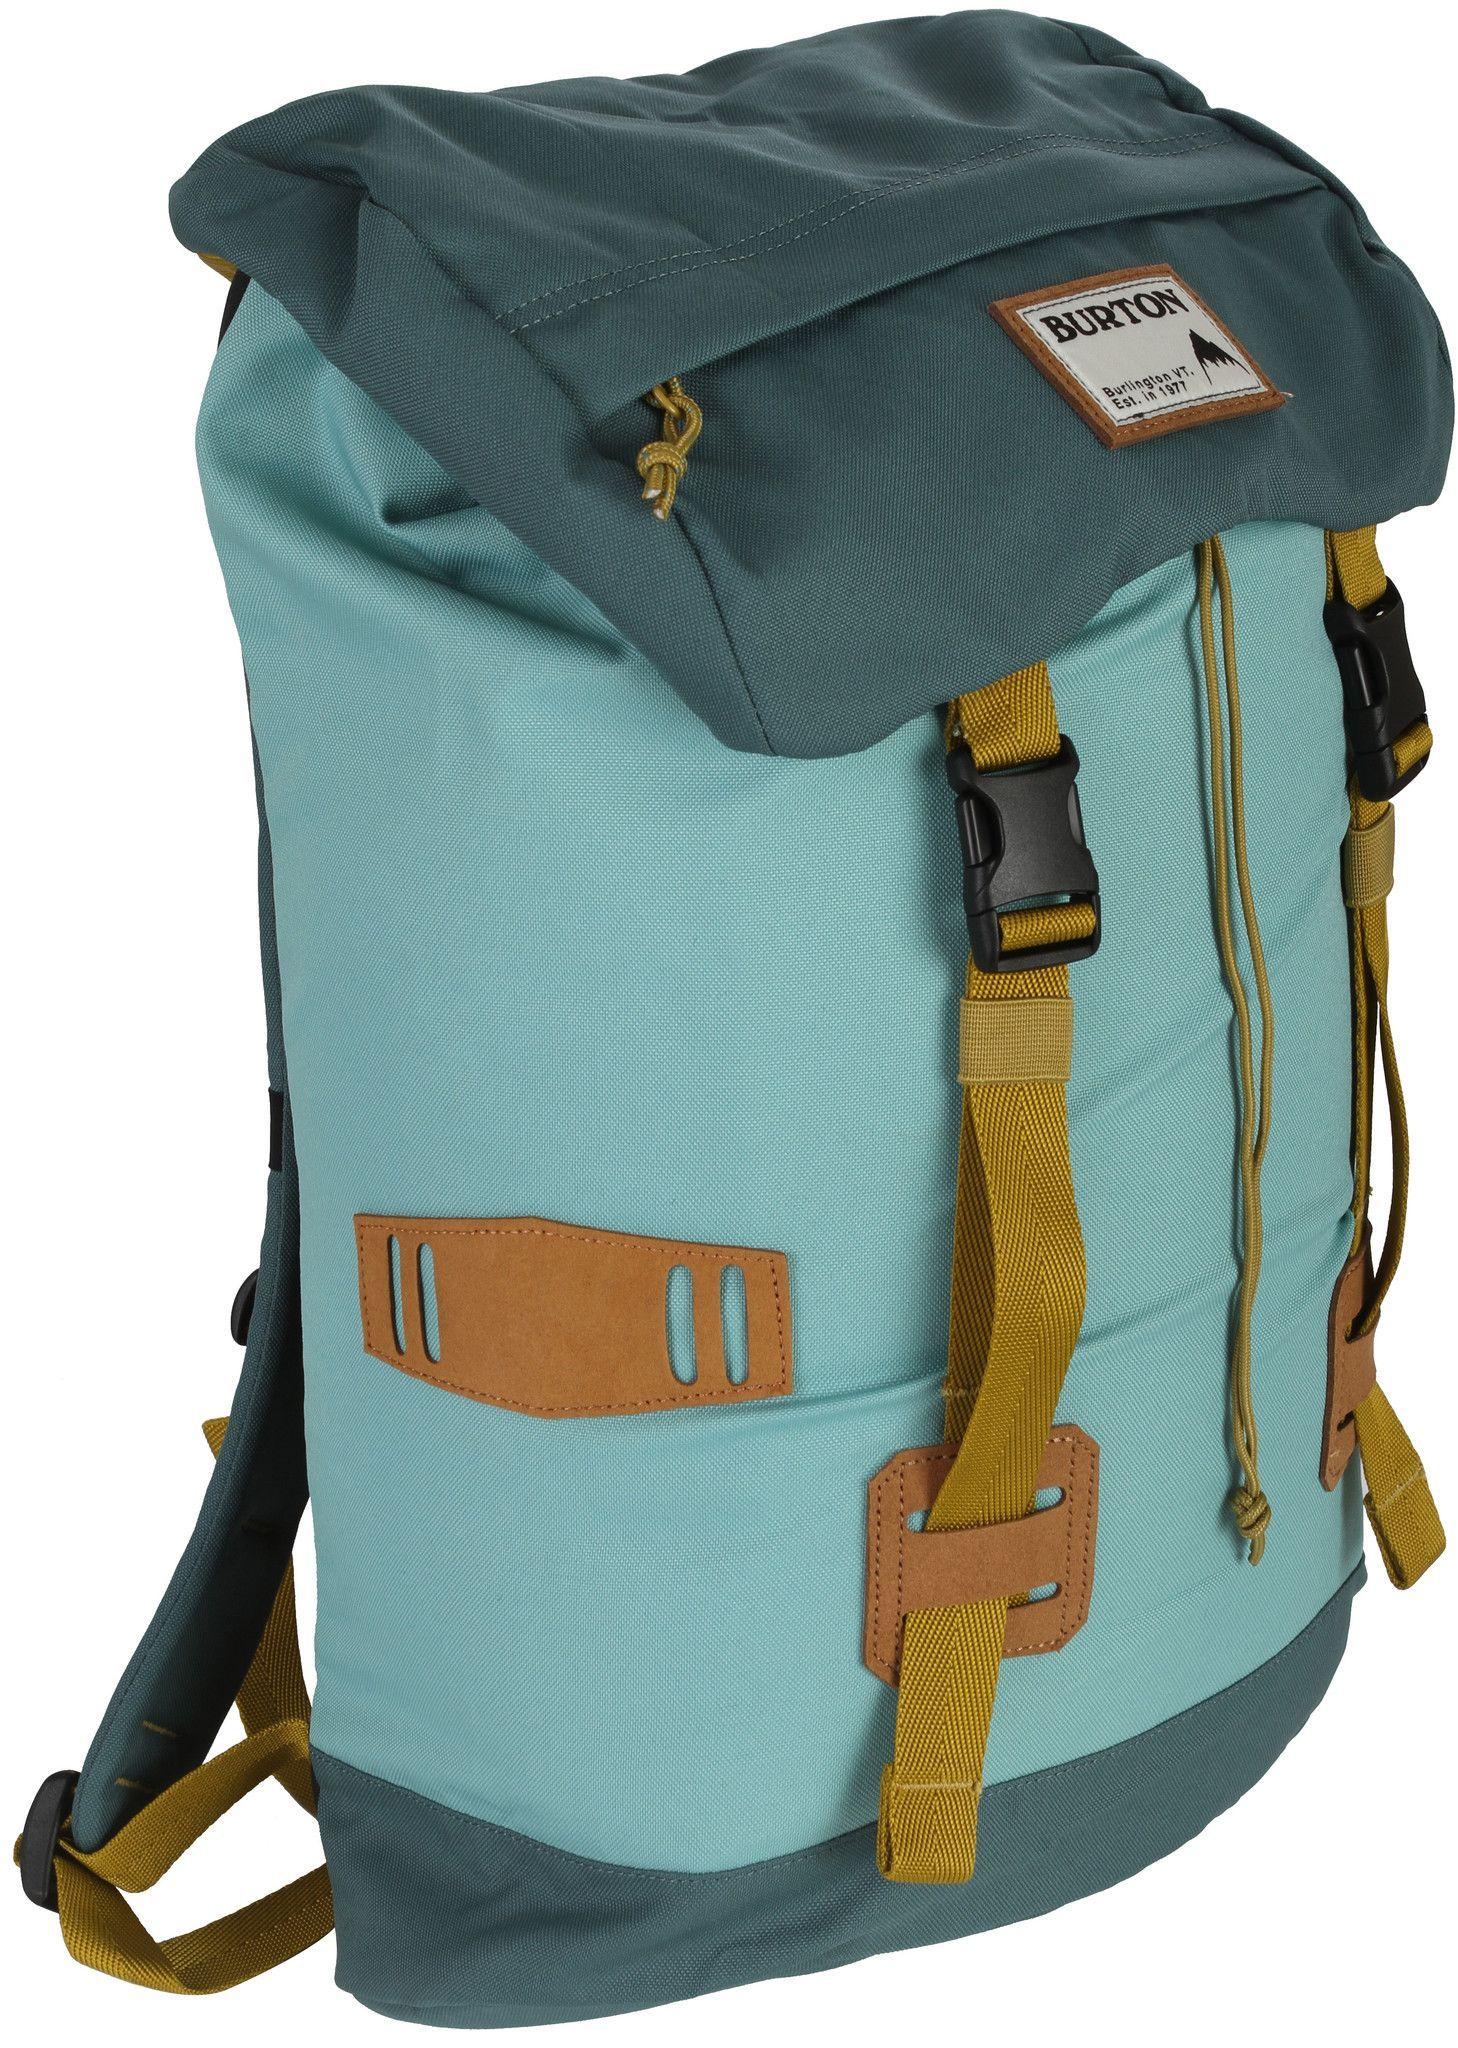 1e4cb64ca2e6 Burton Tinder Backpack Mens